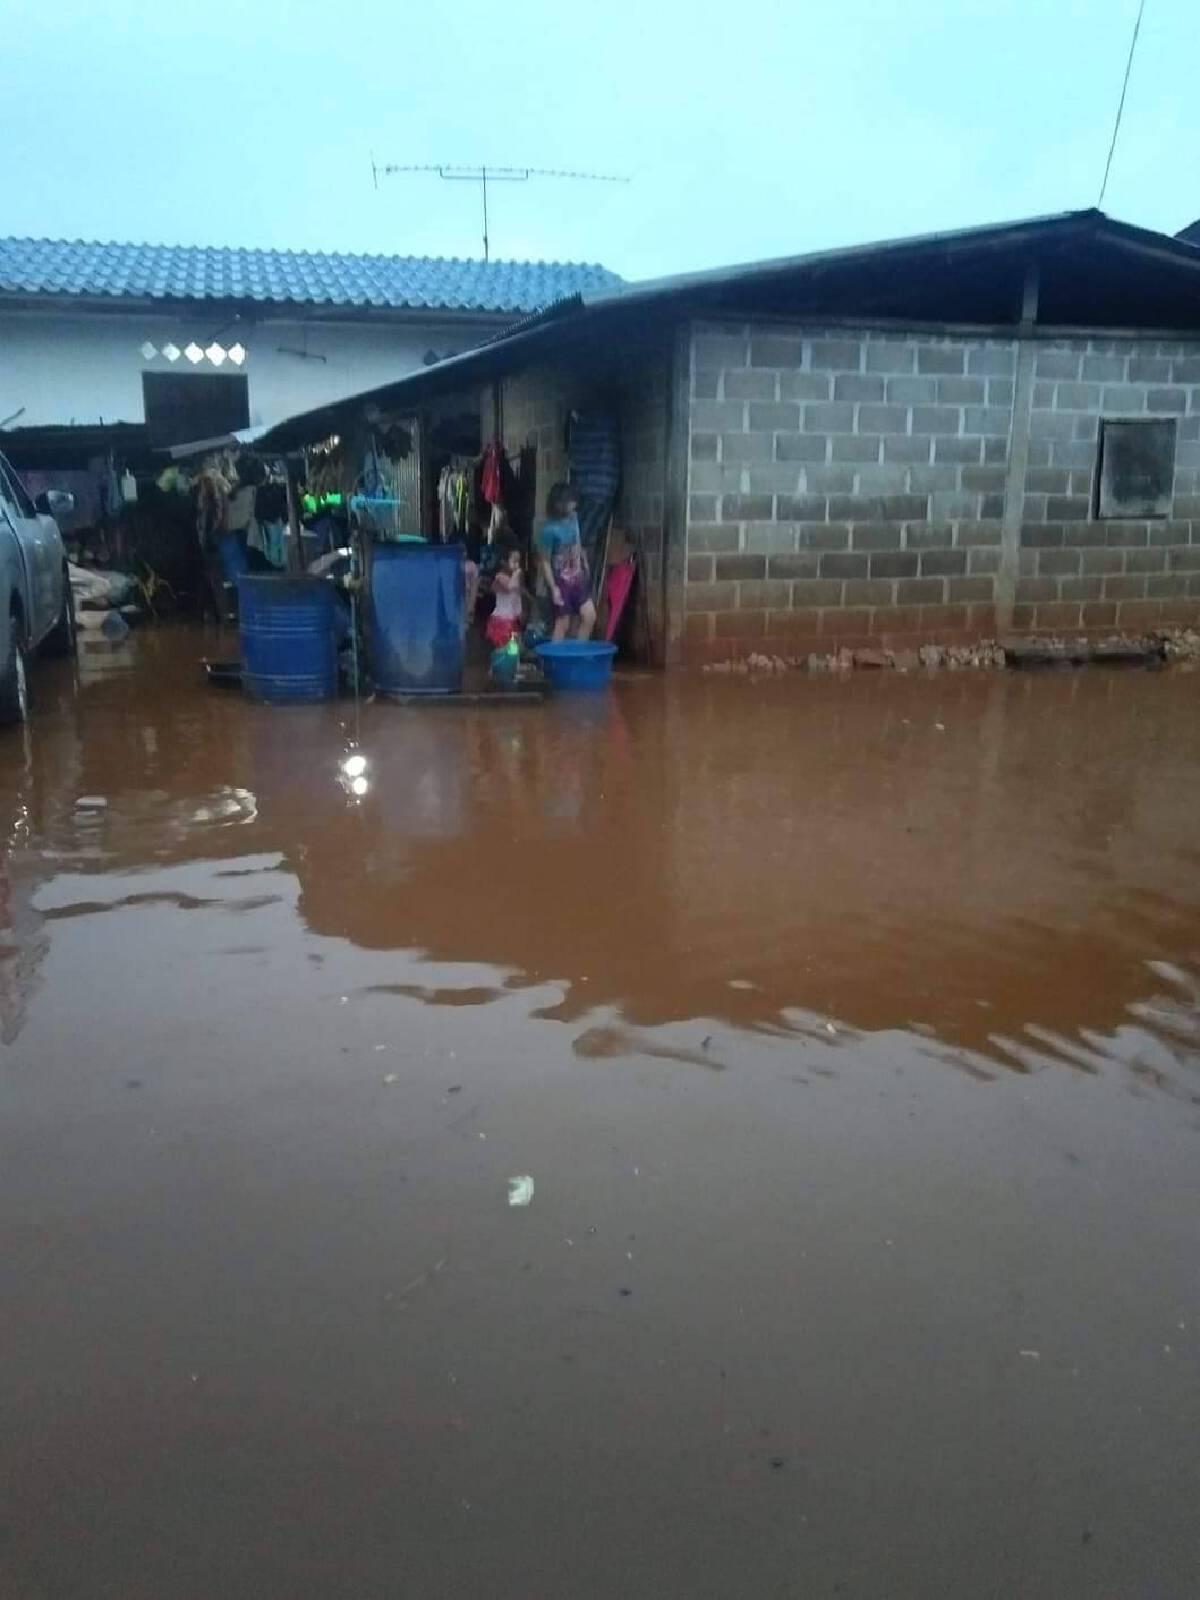 ชาวบ้านใหม่คีรีราษฎร์บ่นอุบ-น้ำท่วมซ้ำซาก